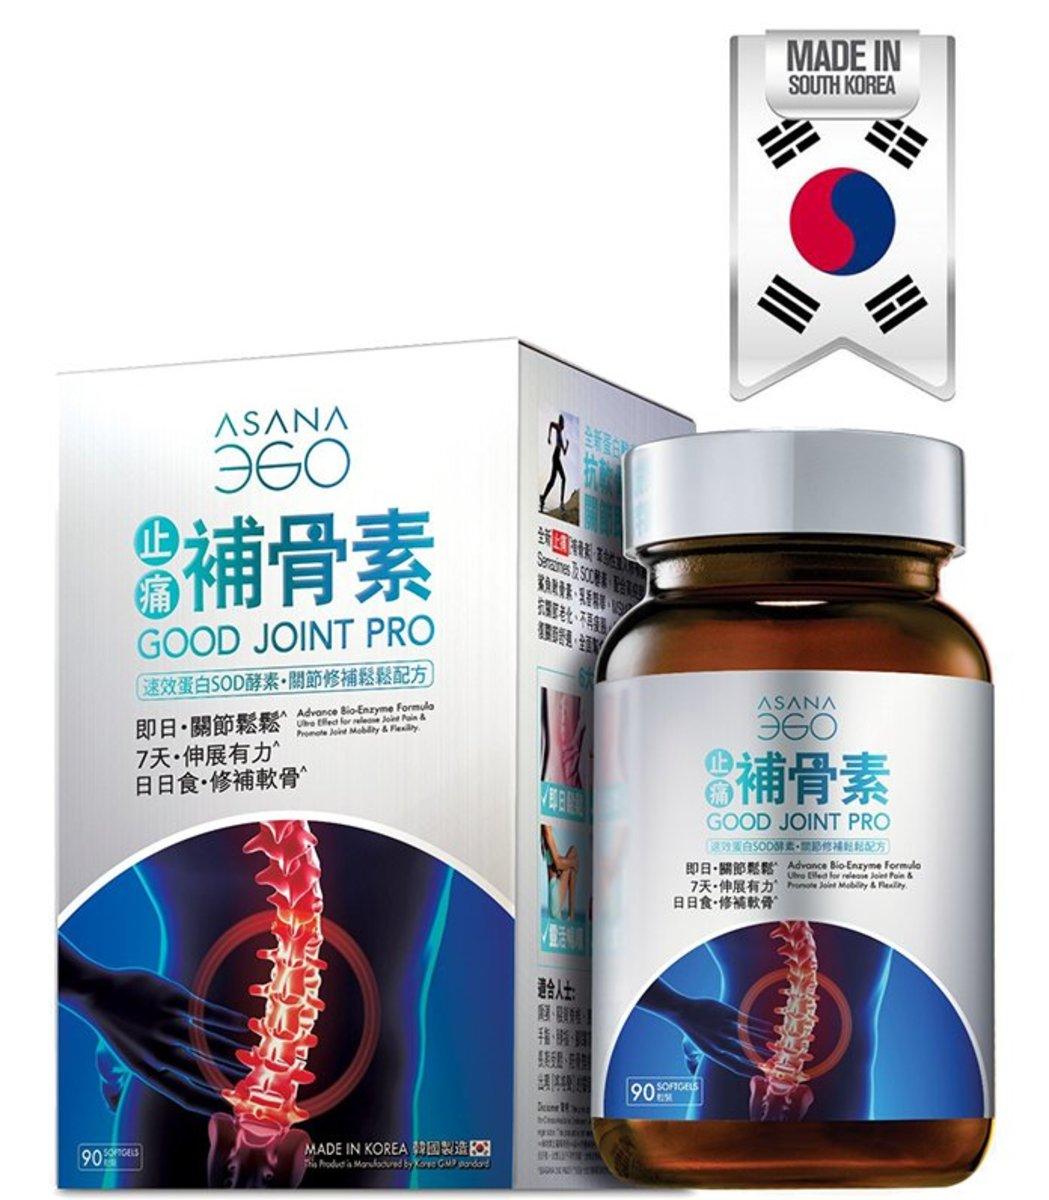 補骨素 - 速效蛋白SOD酵素 關節修補鬆鬆配方 90粒裝